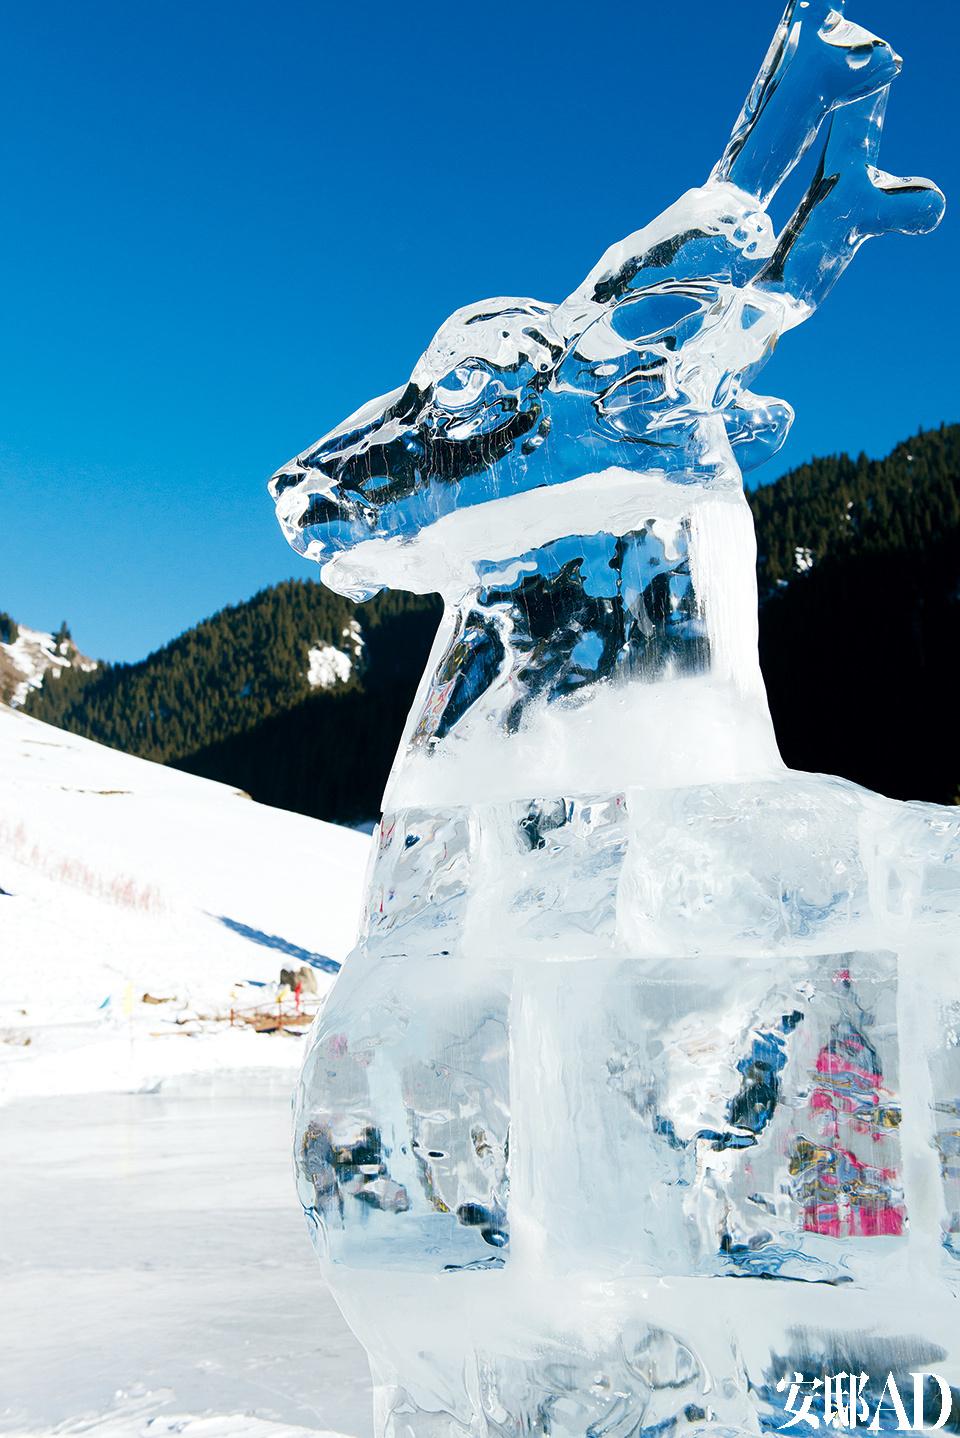 南山滑雪场距离乌鲁木齐市区约一小时的车程,好似乌市的后花园,每年冬季大雪封山,寒冷的天气没有让人望而却步,反而是这里的冰雪运动吸引了不少游客。山脚下还有各种艺术性冰雕,寒冷带来的是抖擞的精神!